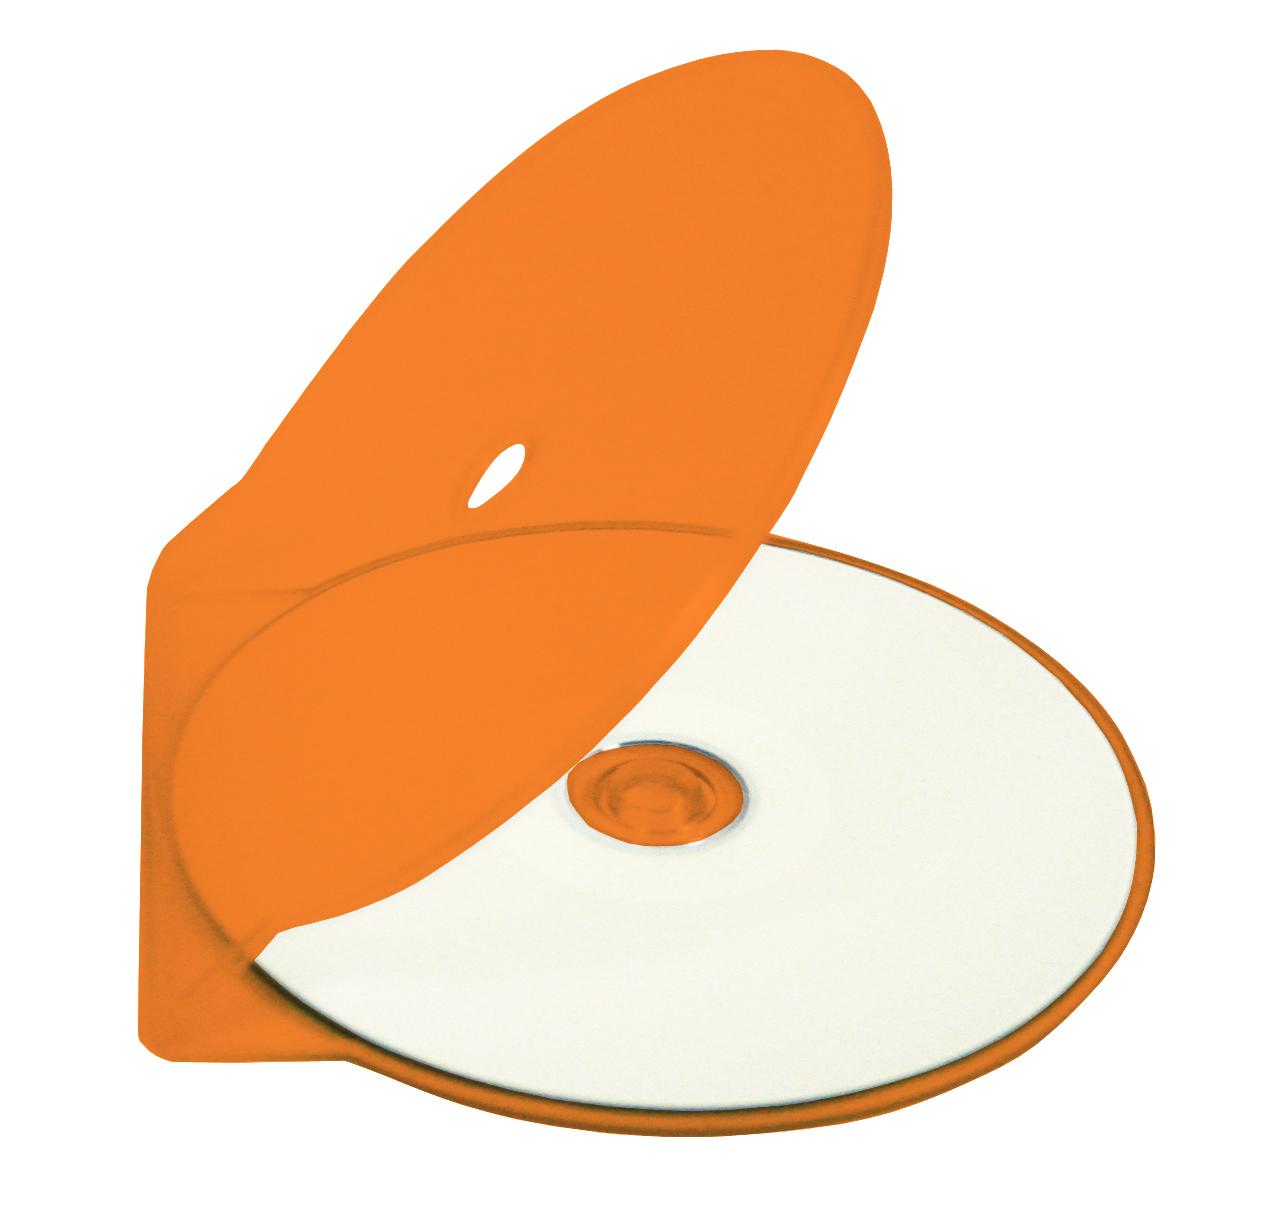 cshell-SolidOrange